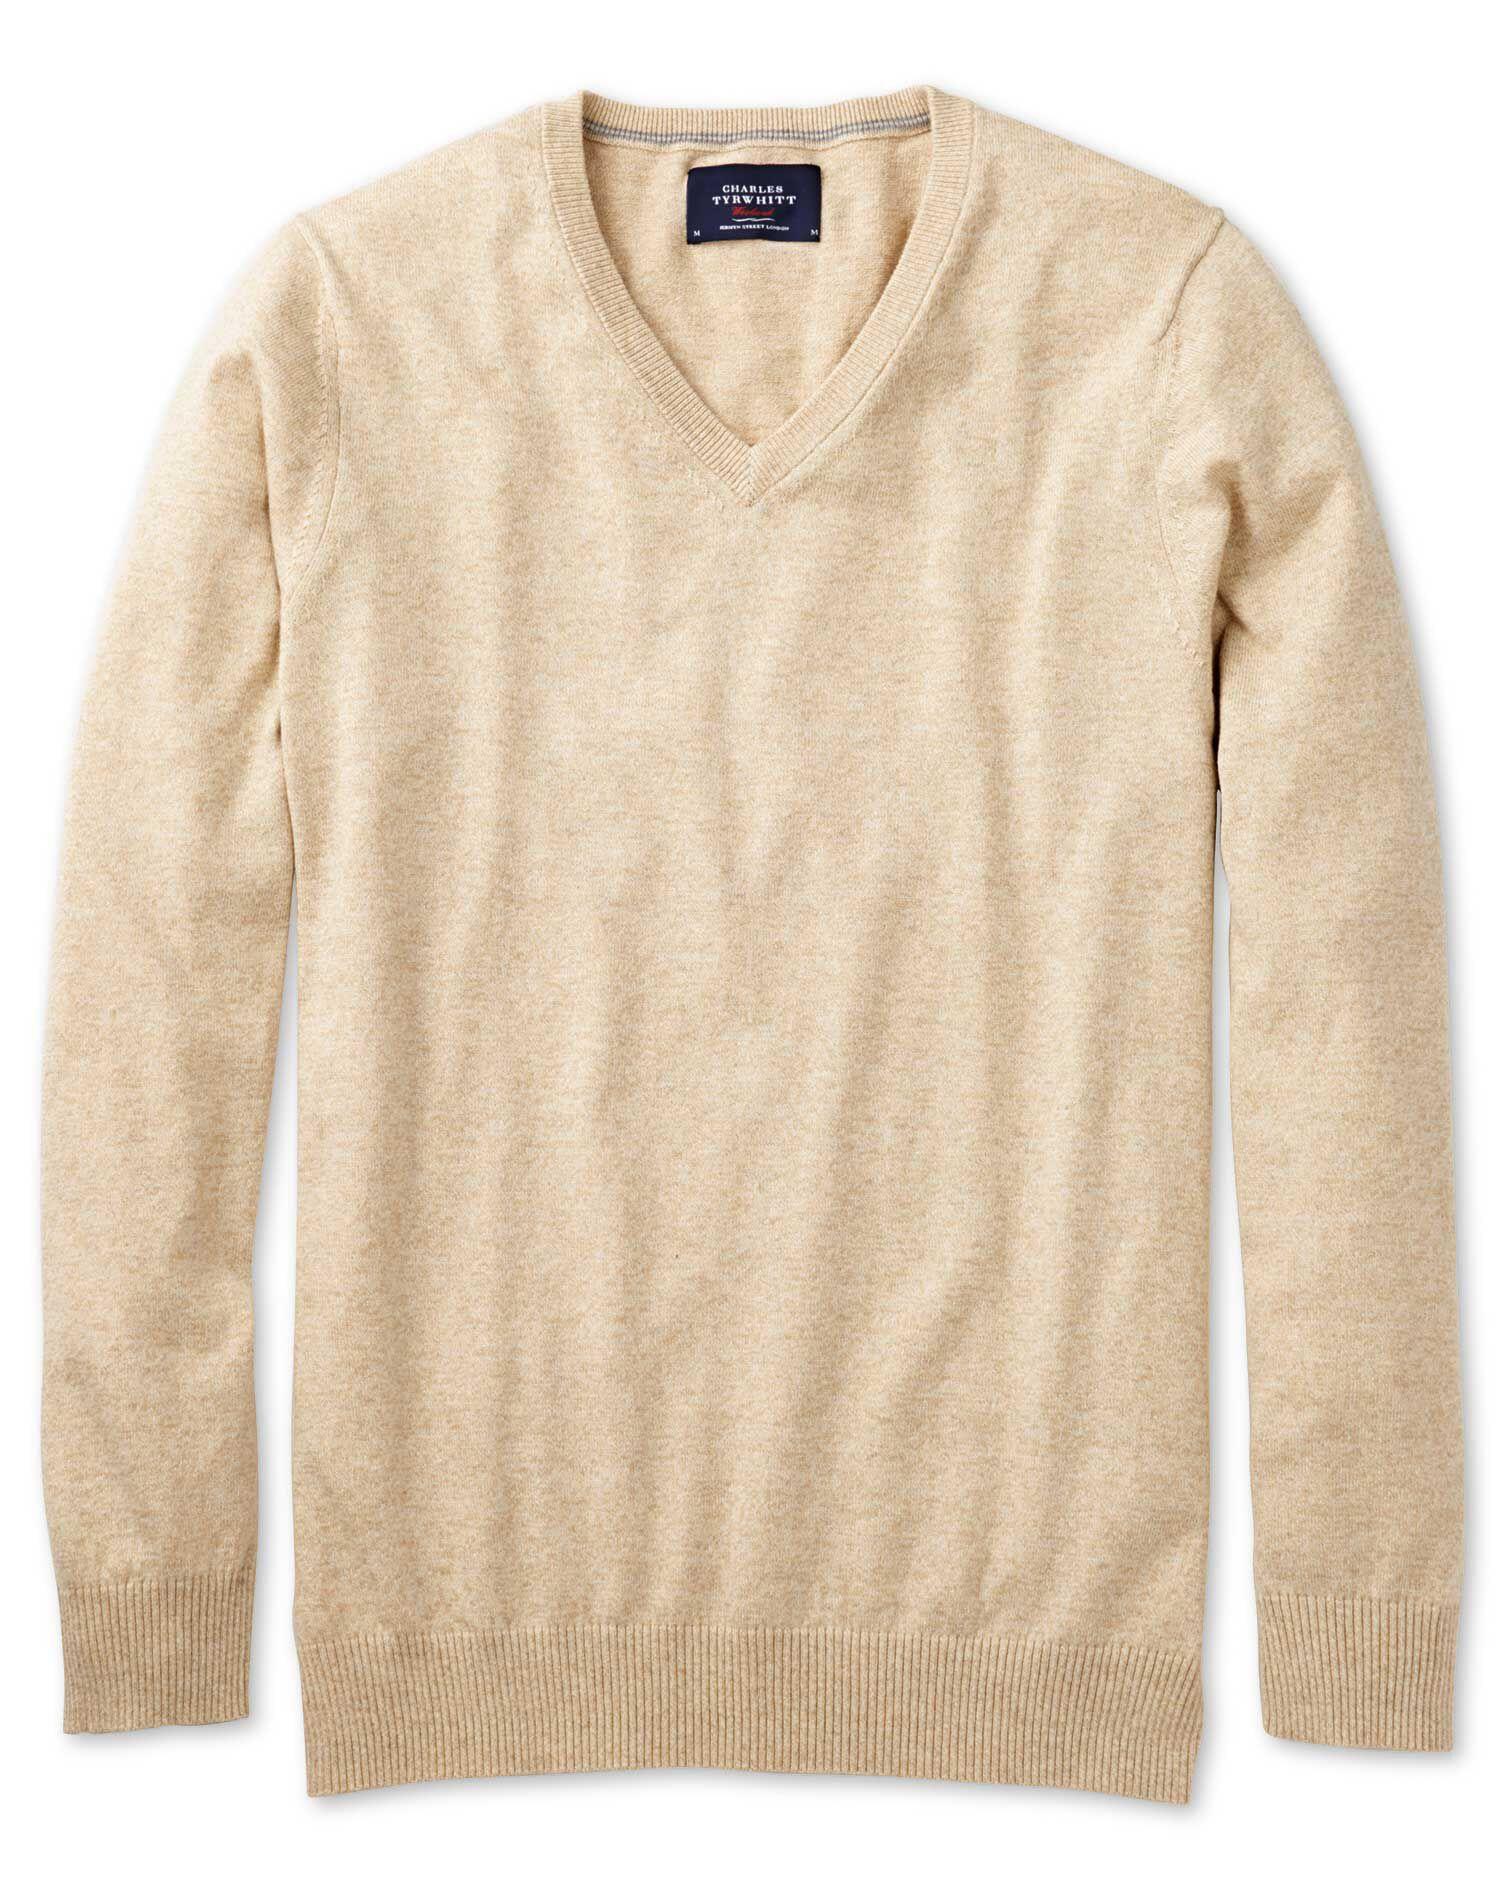 Stone Cotton Cashmere V-Neck Jumper Size Medium by Charles Tyrwhitt